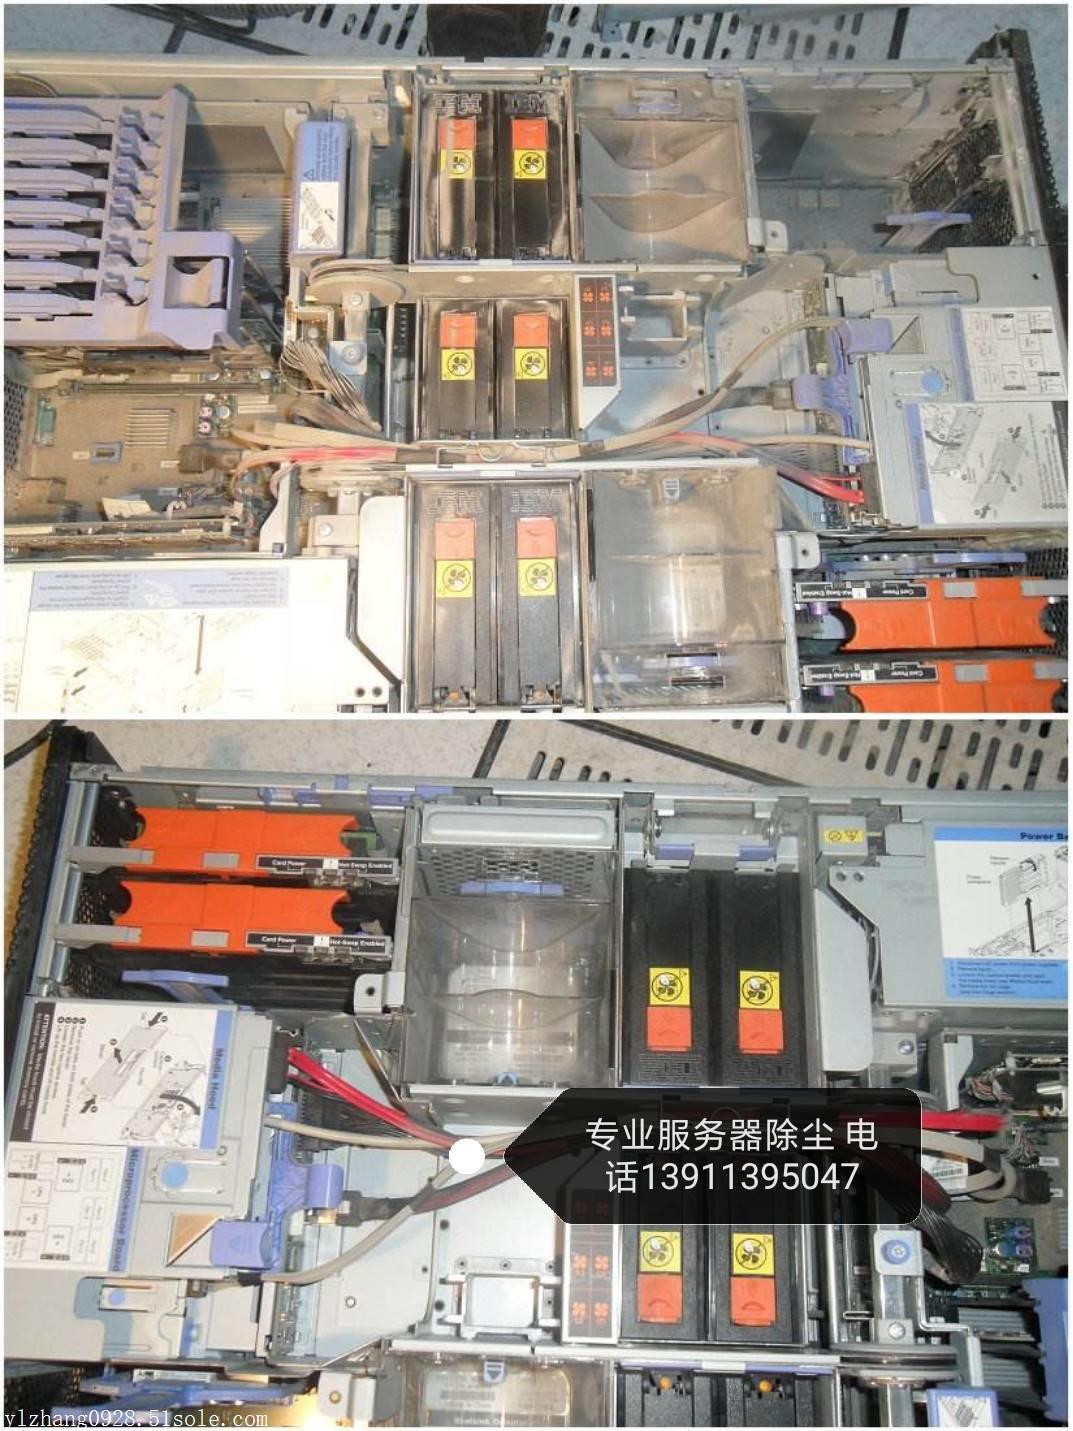 北京Dell服务器维修点,Dell售后电话